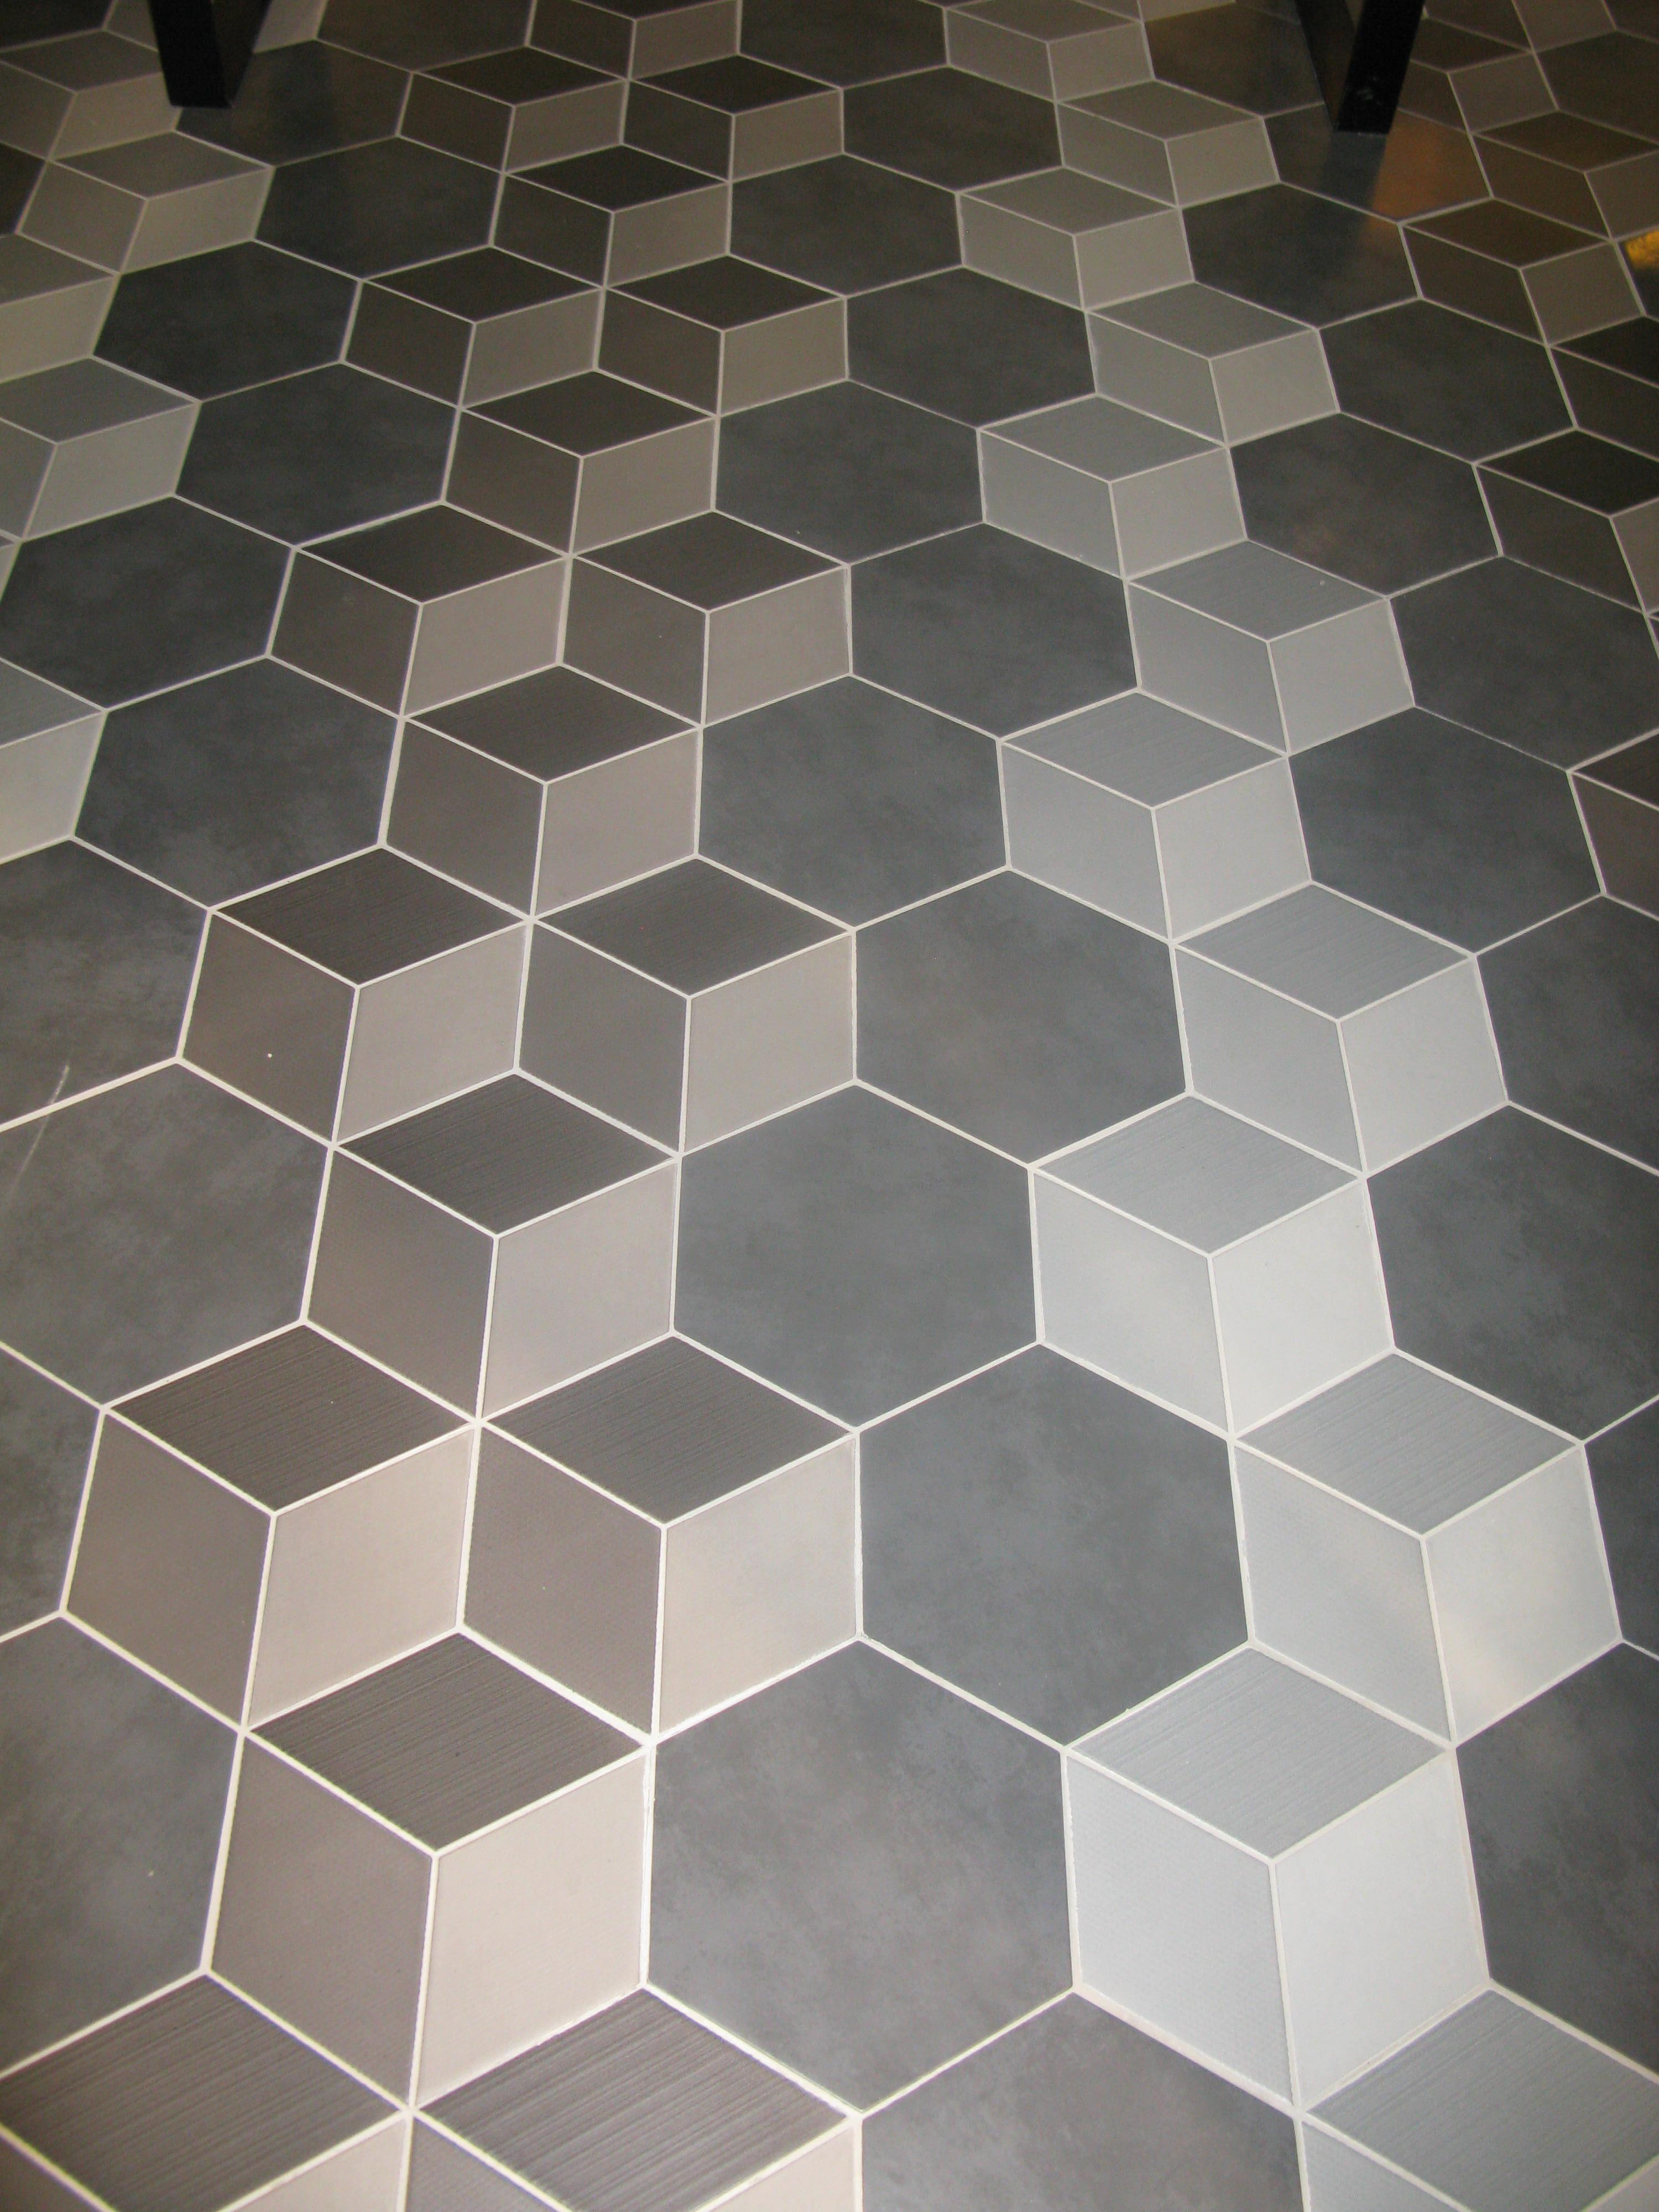 Imitation Carreau Ciment En Relief Effet 3D intérieur Carrelage Sol Hexagonal